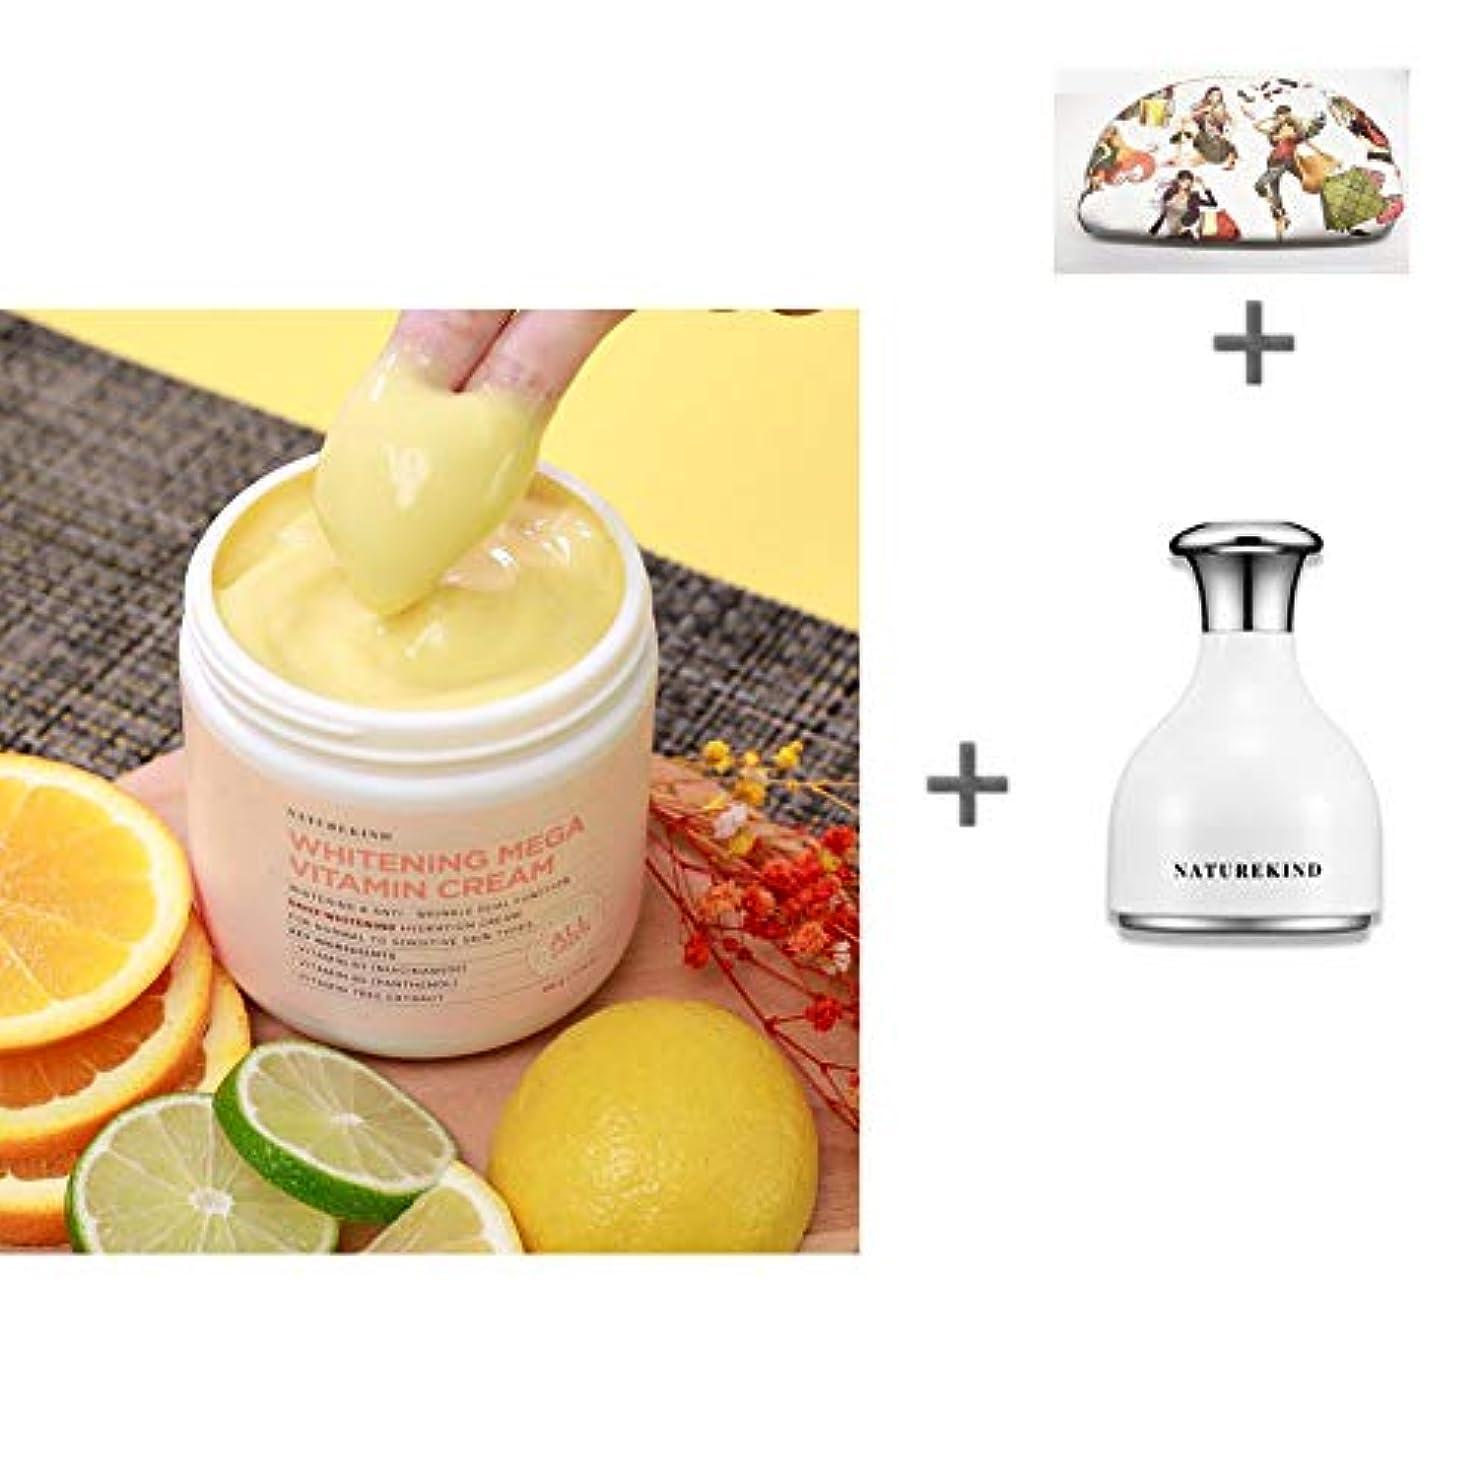 自分のクラシカル出費[ネイチャーカインド]美白ビタミンクリーム500gの大容量Vitamin Cream /全成分100%グリーン評価/敏感肌にも安心/トンオプ/保湿/くすみ除去/美白クリーム [海外直送品][並行輸入品] (クリーム+クーリングスティック)